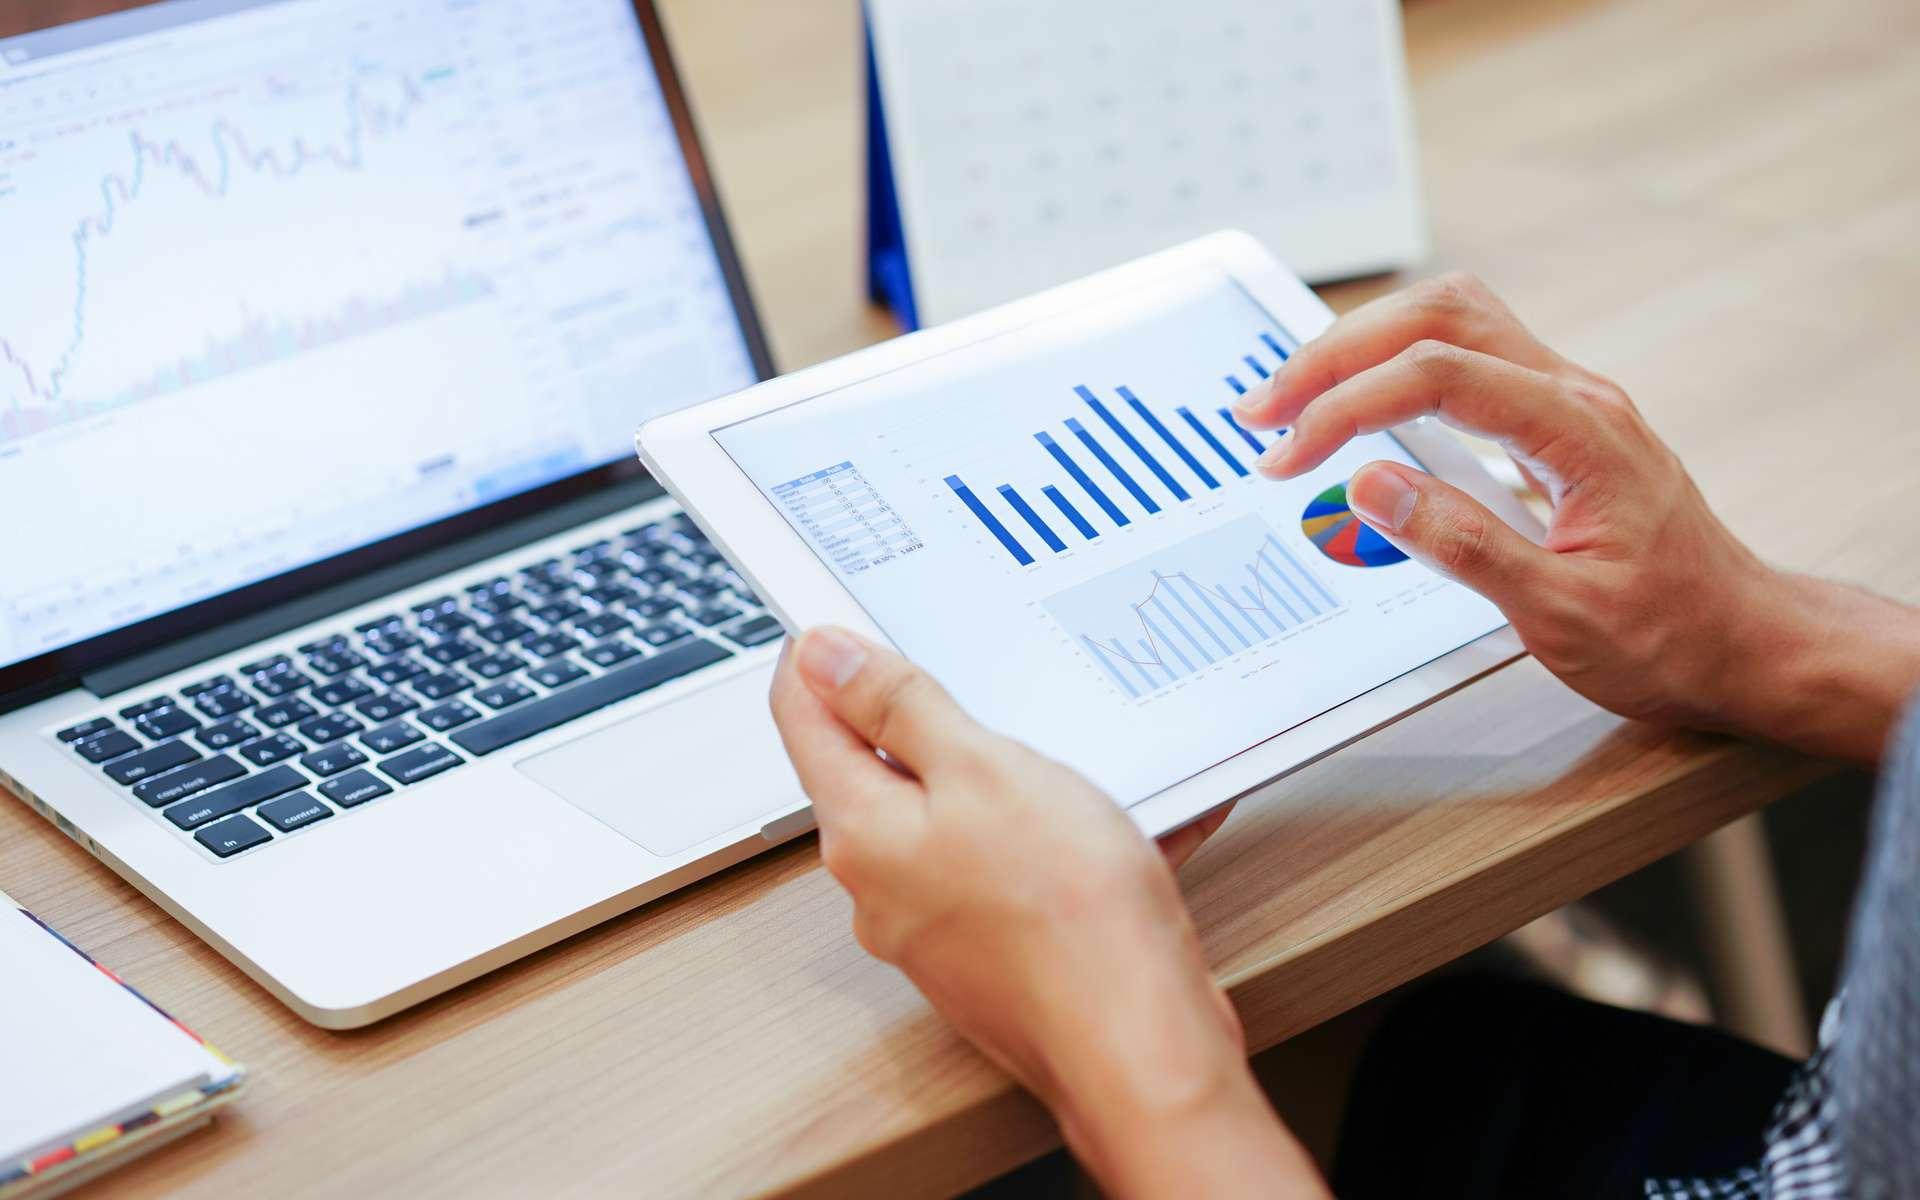 Pour bien calibrer une tablette, veiller à l'installer sur votre bureau en condition de travail réelle. © chinnarach, Adobe Stock